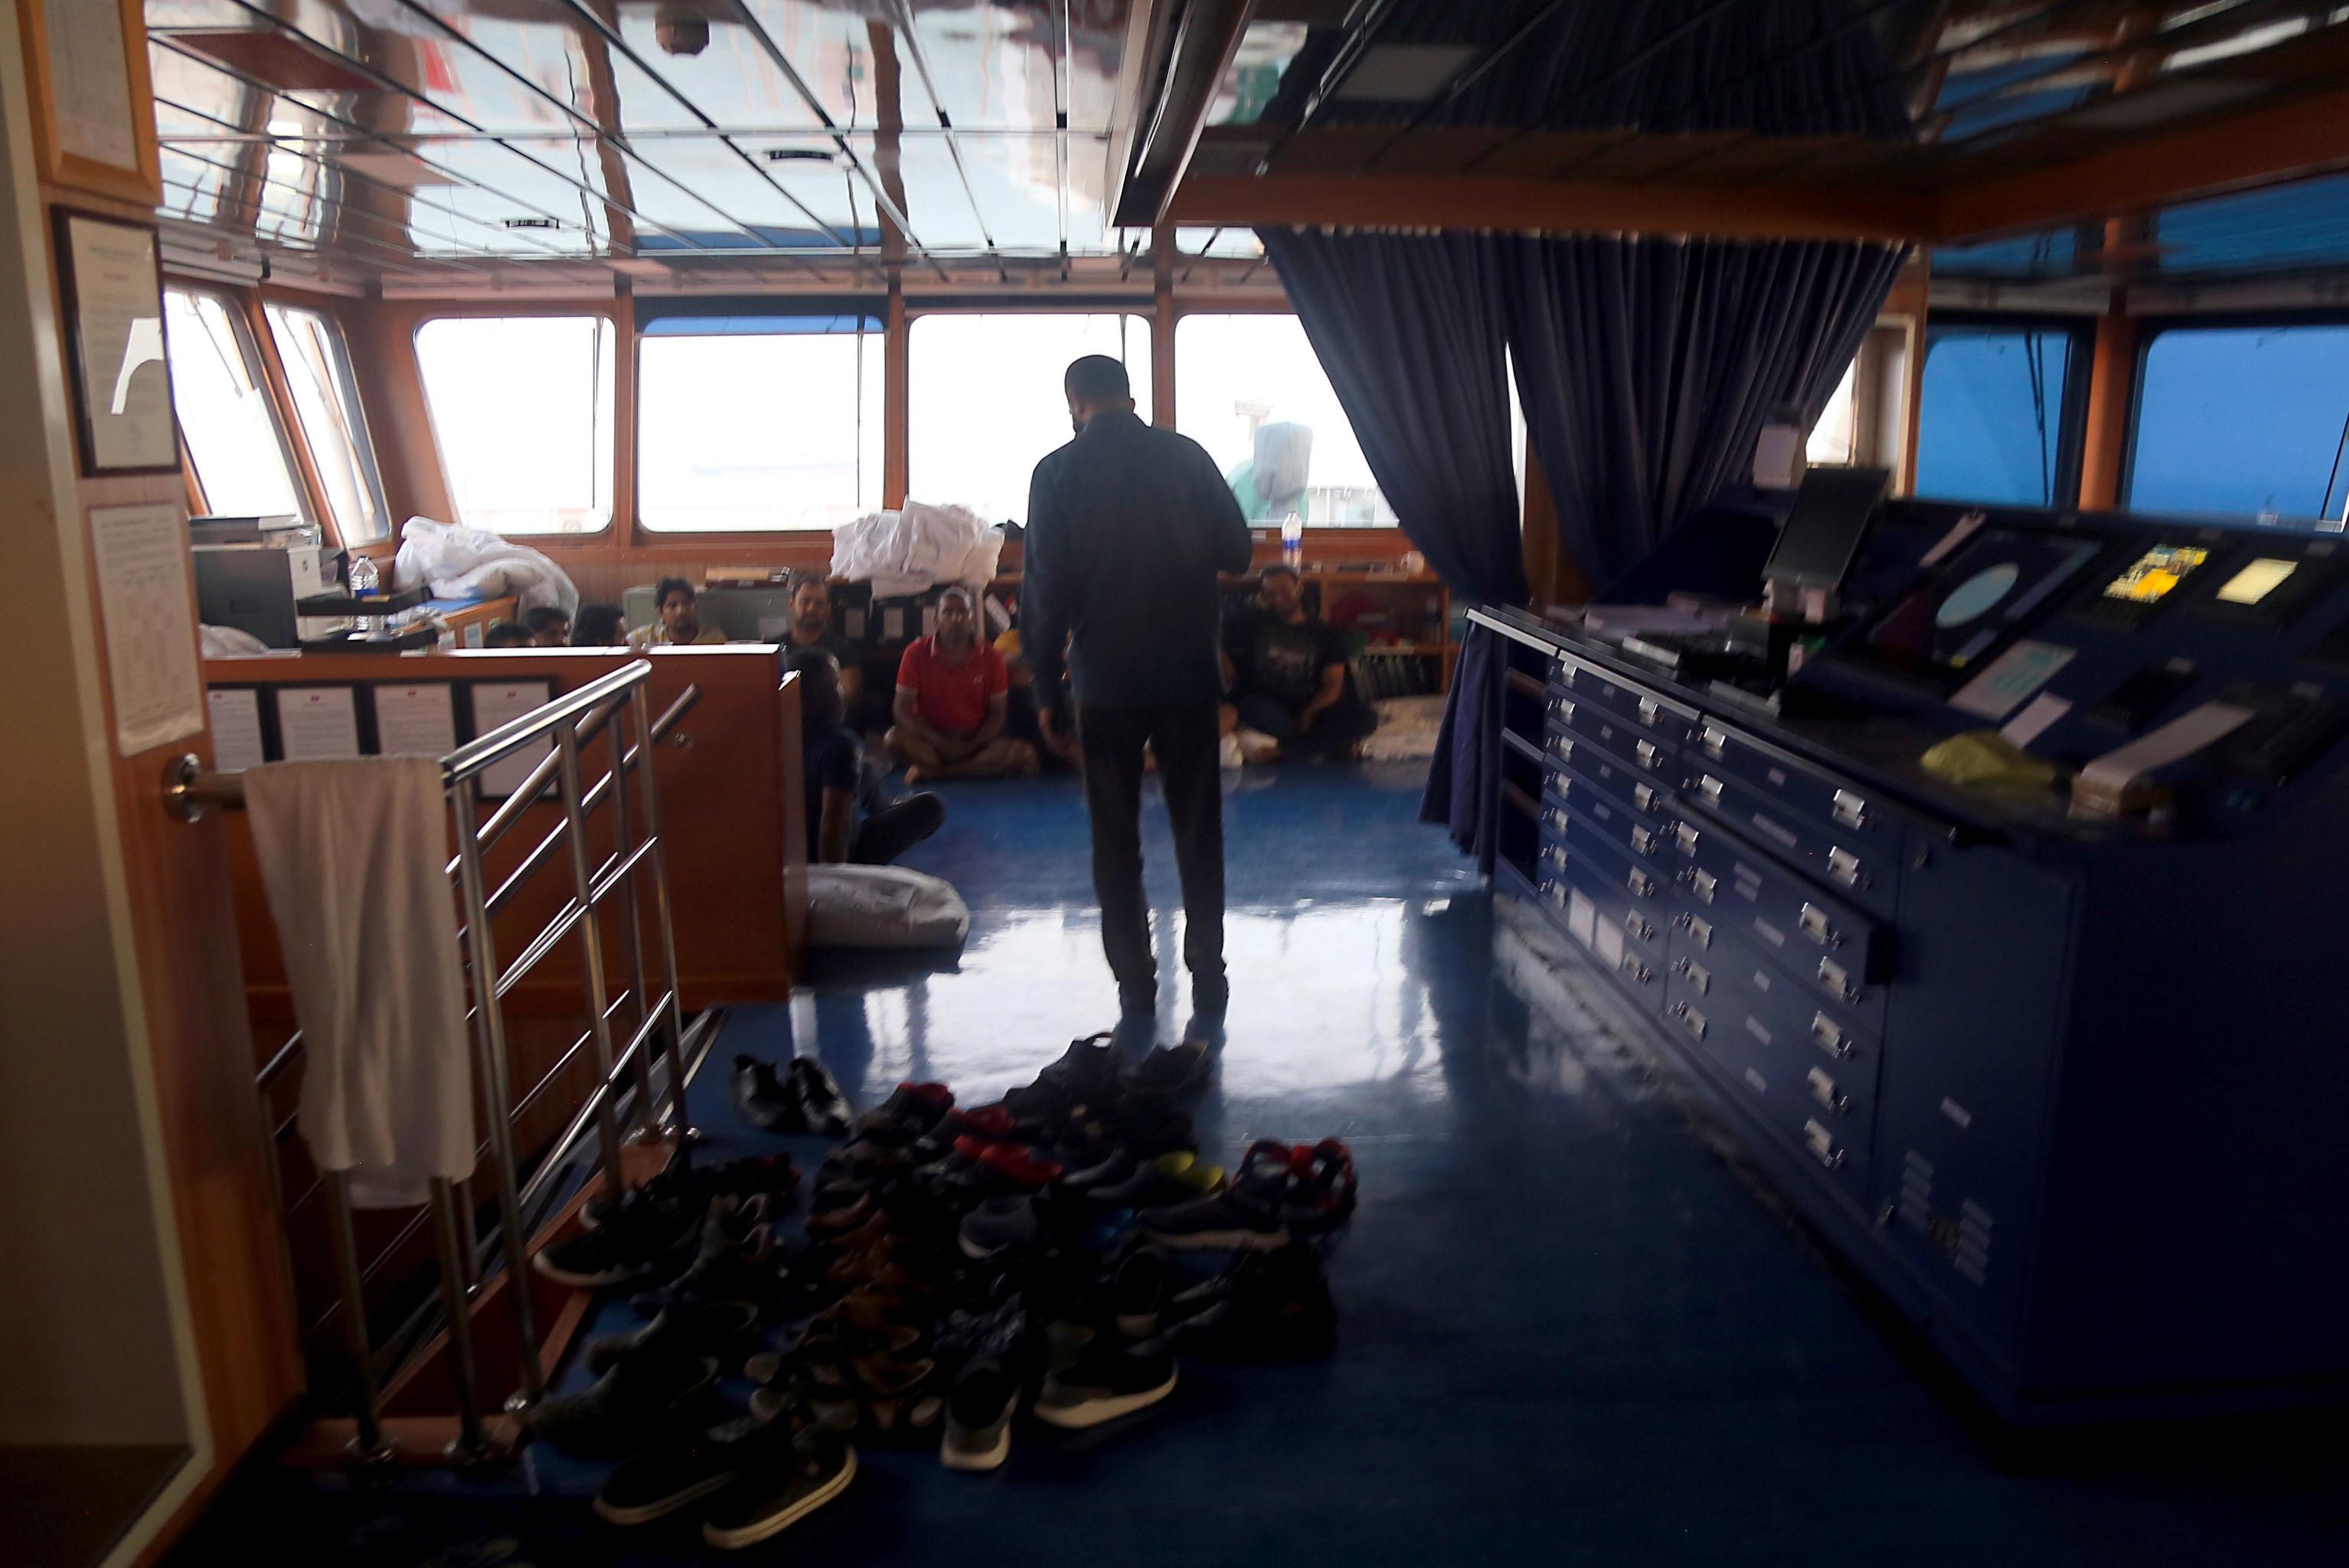 Des membres d'équipage vus à l'intérieur du pétrolier britannique saisi par l'Iran – première photo